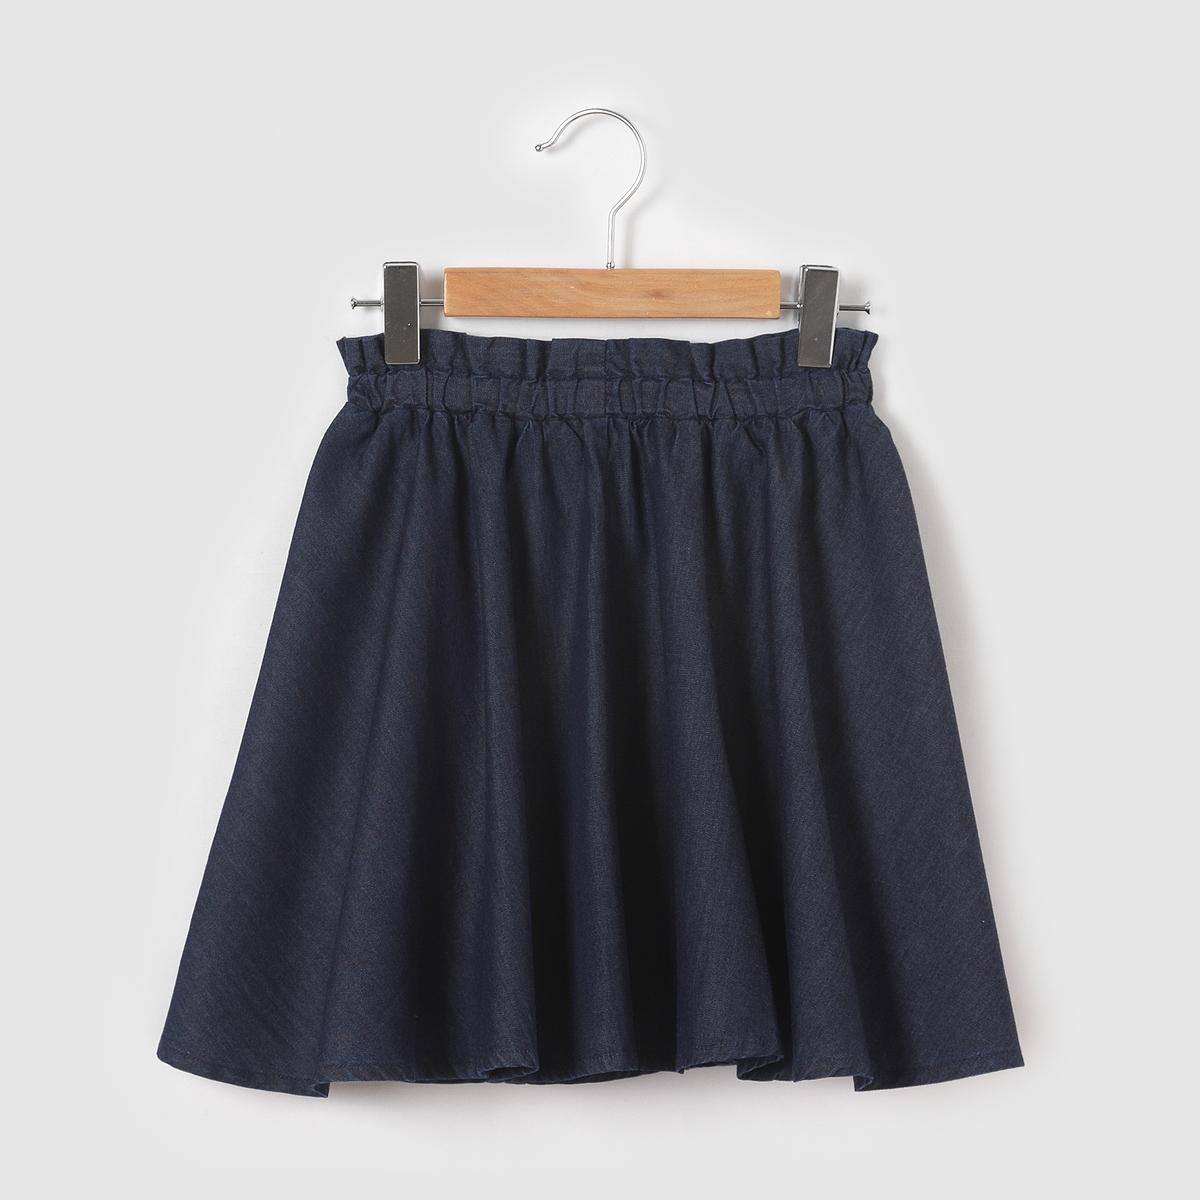 цена Юбка La Redoute Расклешенная джинсовая 3 года - 94 см синий онлайн в 2017 году